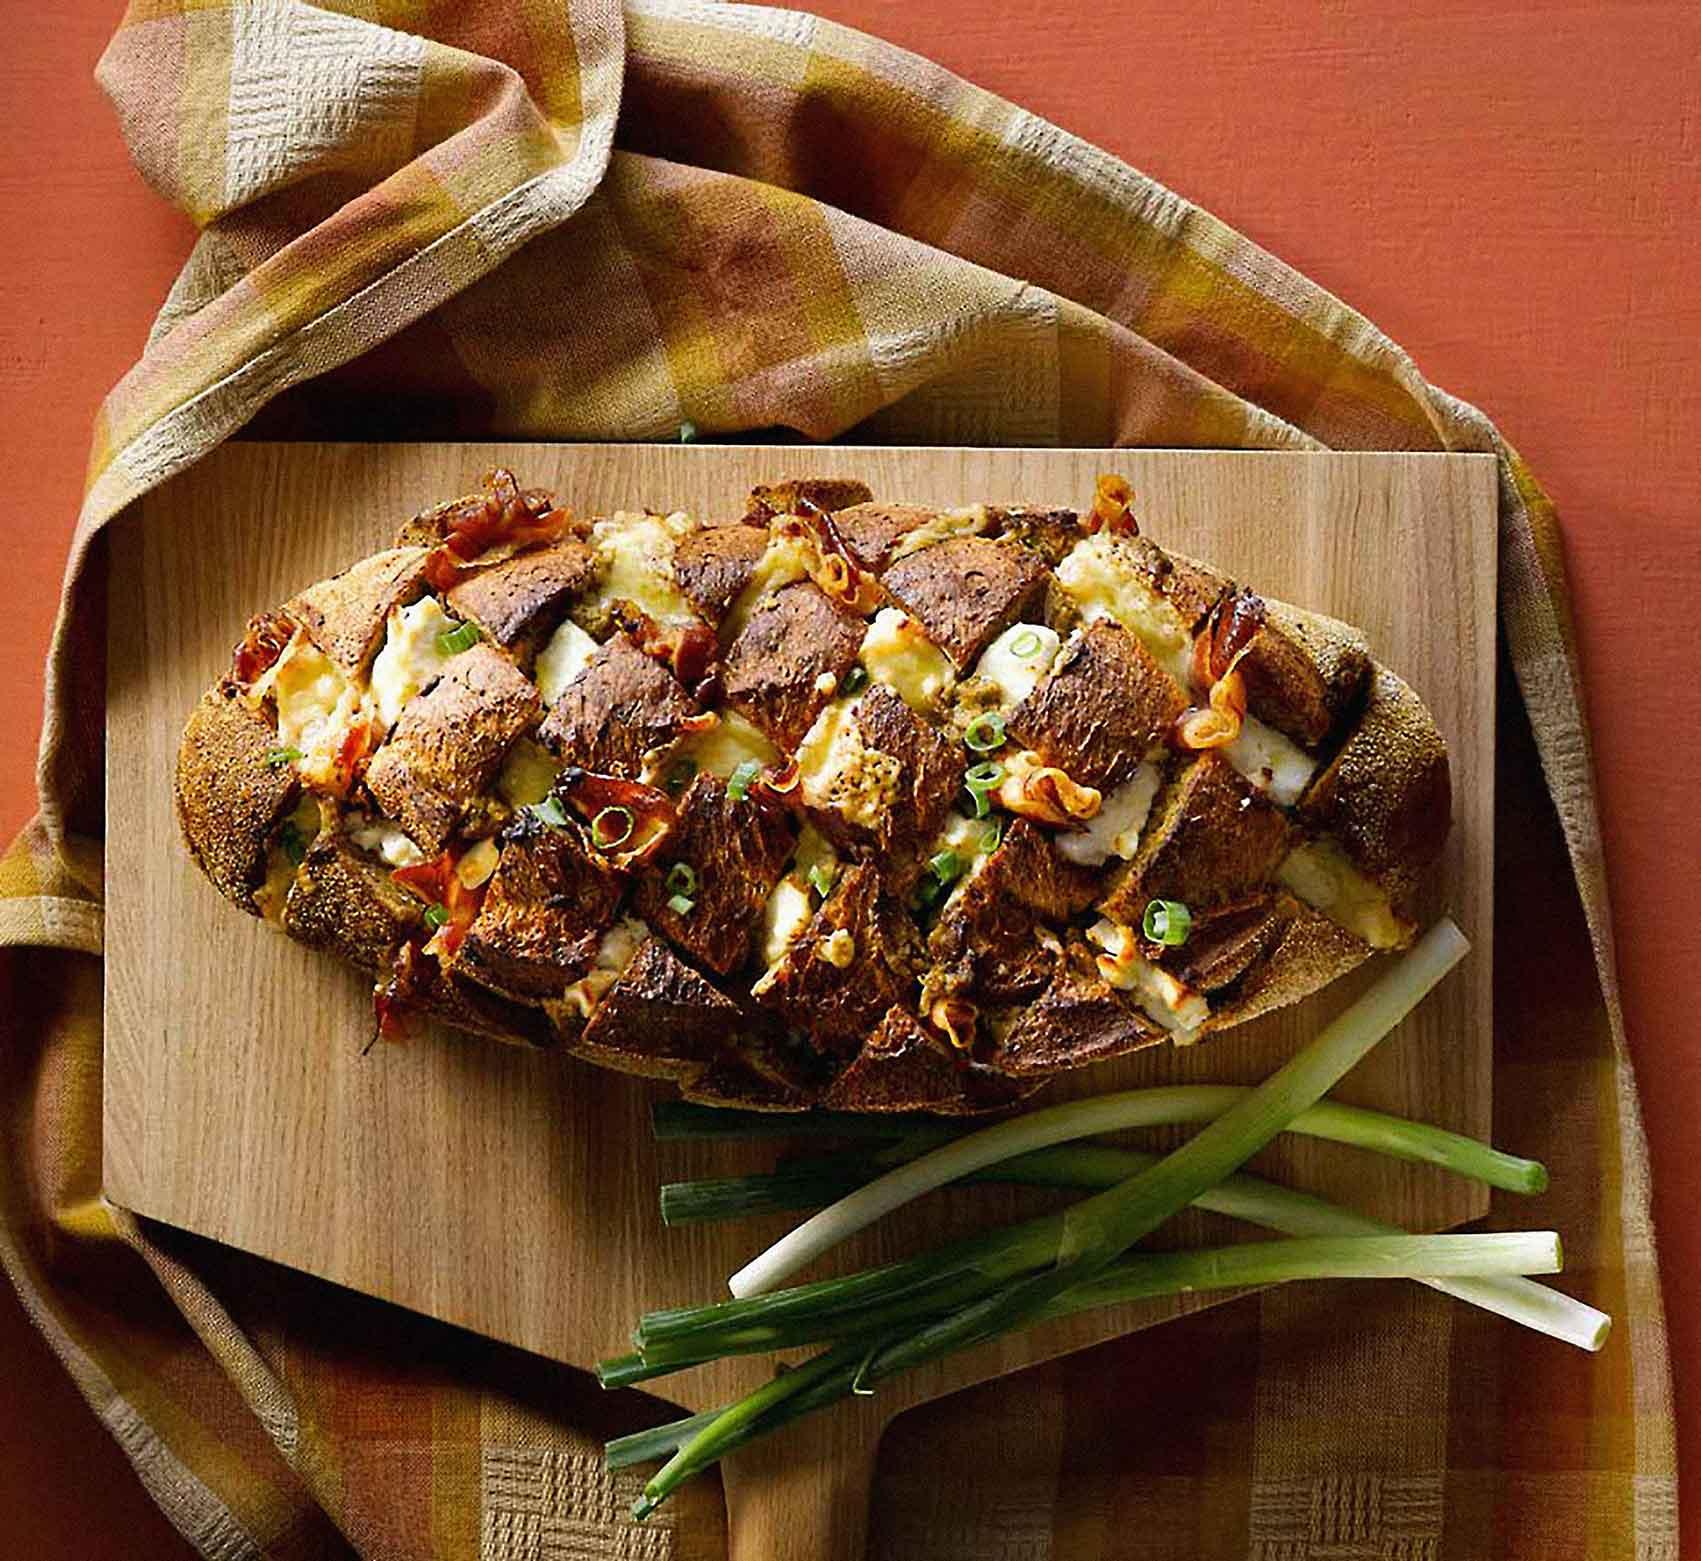 לחם ממולא פרושוטו ופסטו